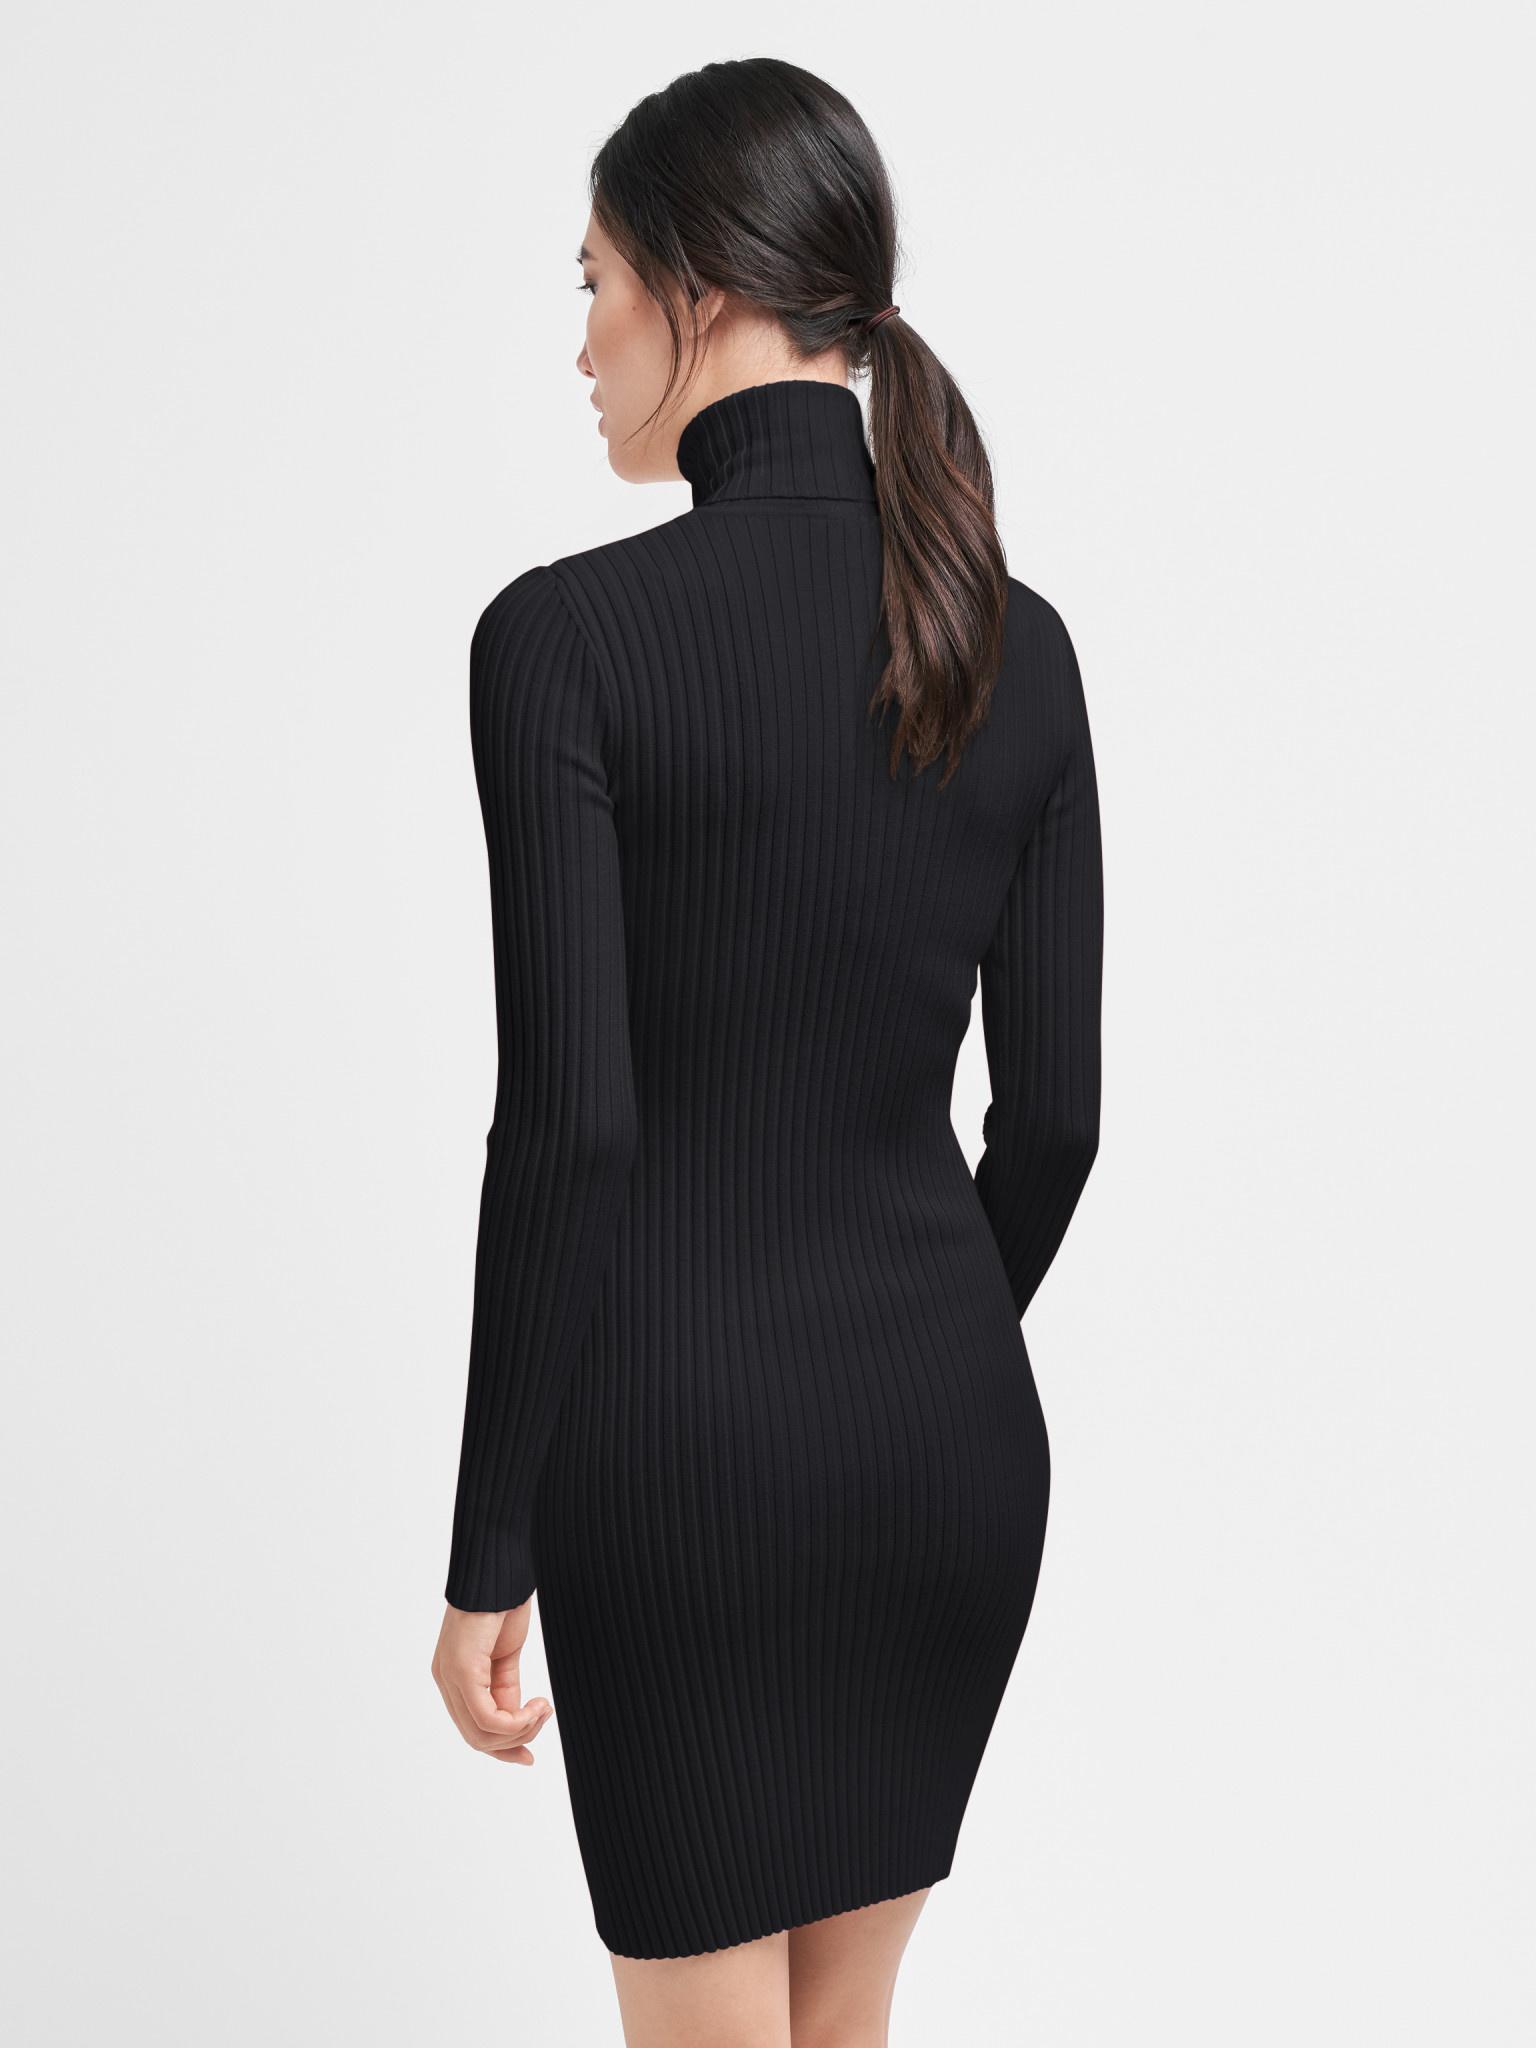 WOLFORD 52770 Merino Rib Dress